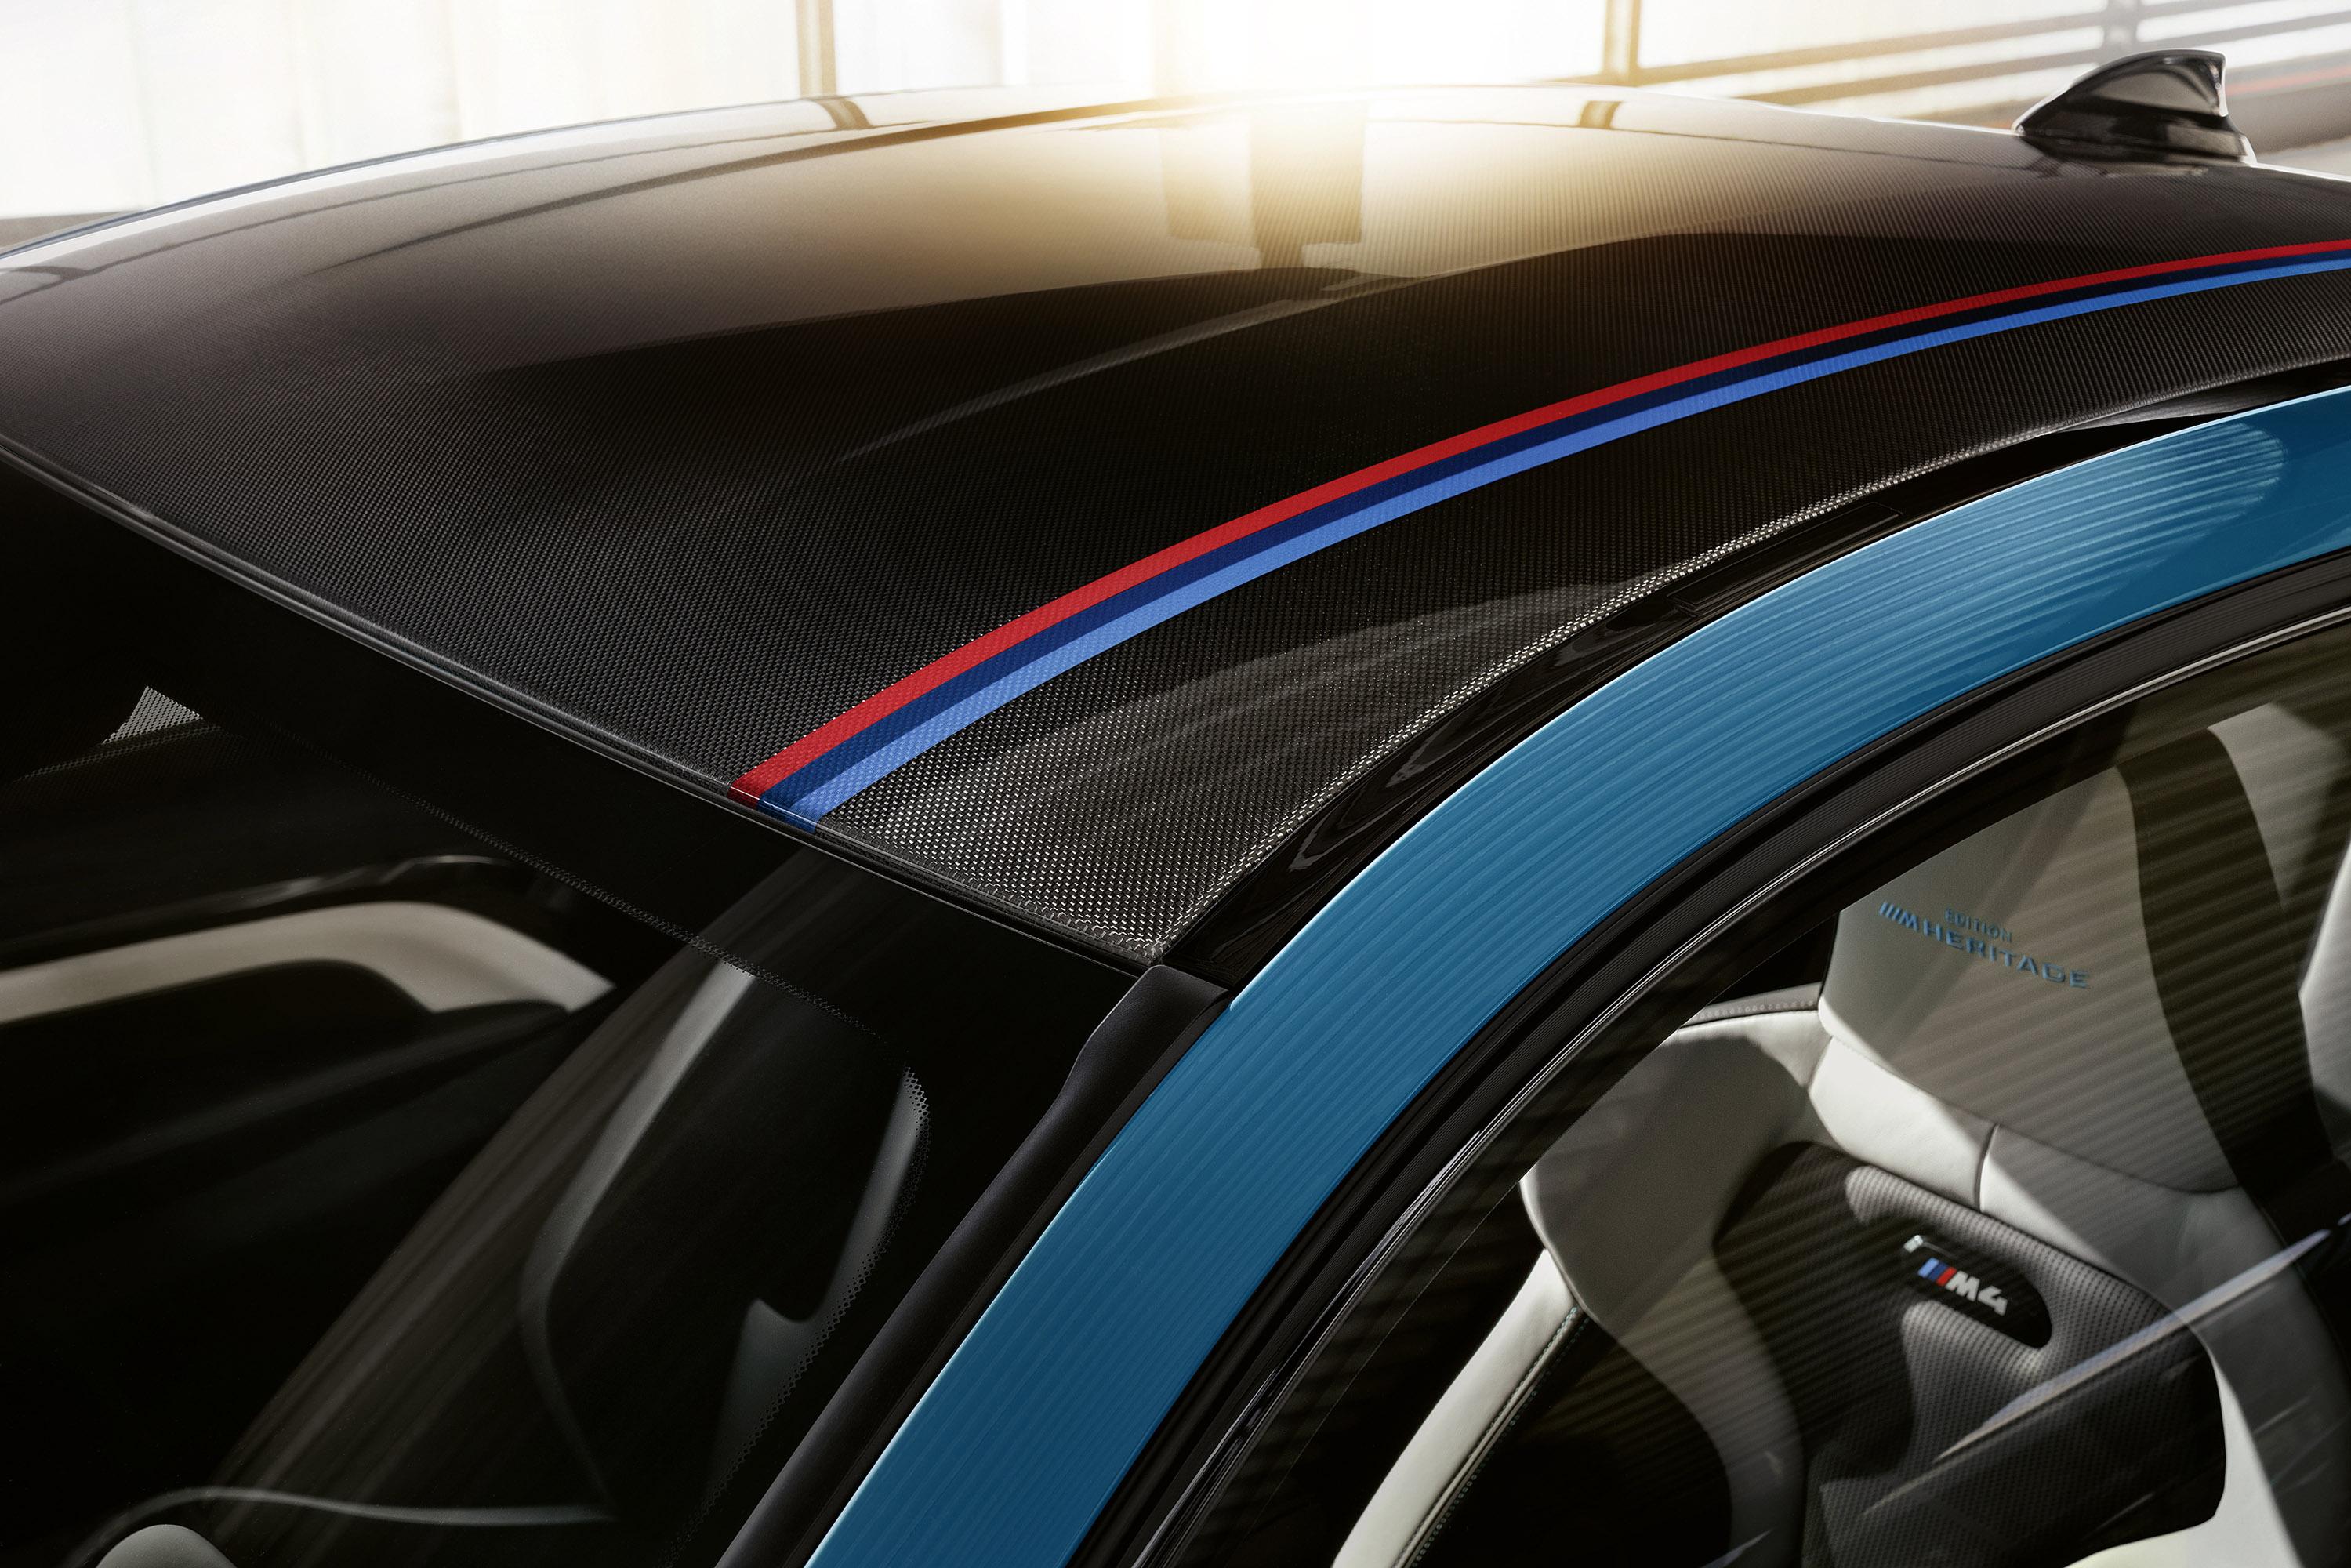 Это высокопроизводительное купе оснащено рядным шестицилиндровым двигателем мощностью 450 л.с. с технологией M TwinPower Turbo и будет ограничено всего 75 экземплярами в Великобритании.